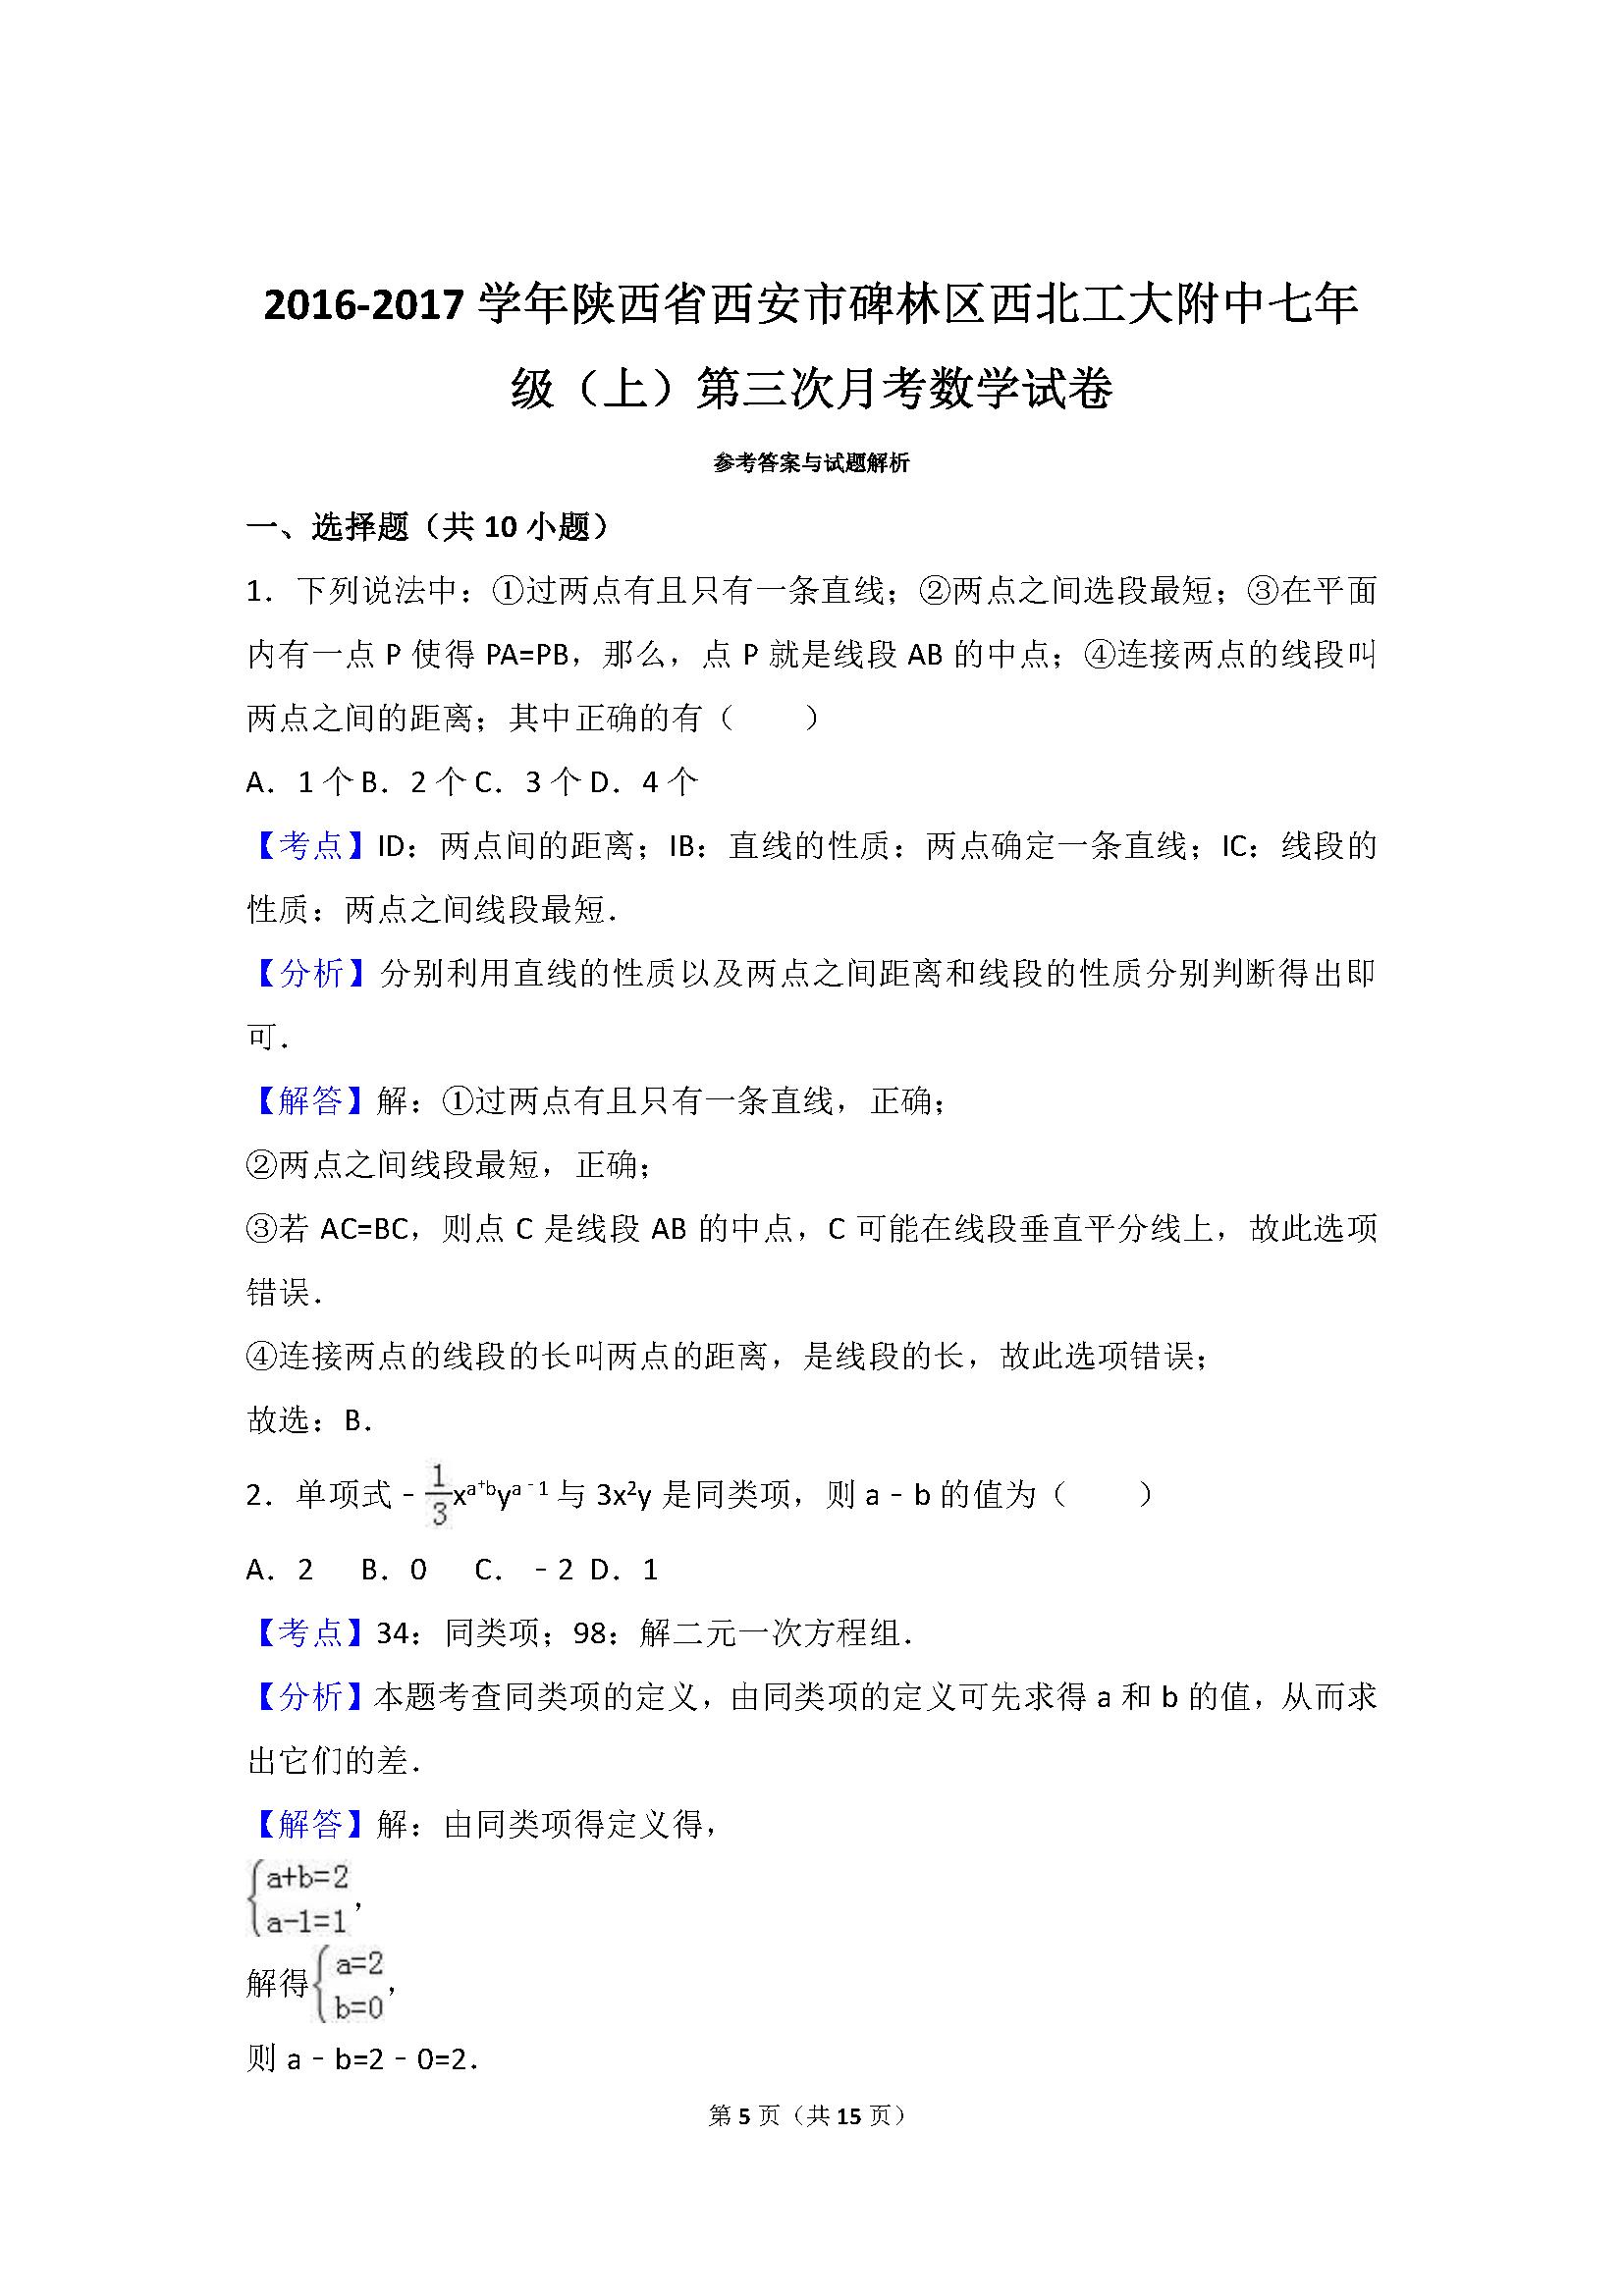 2017陕西西安碑林七年级上第三次月考数学试卷答案(Word版)